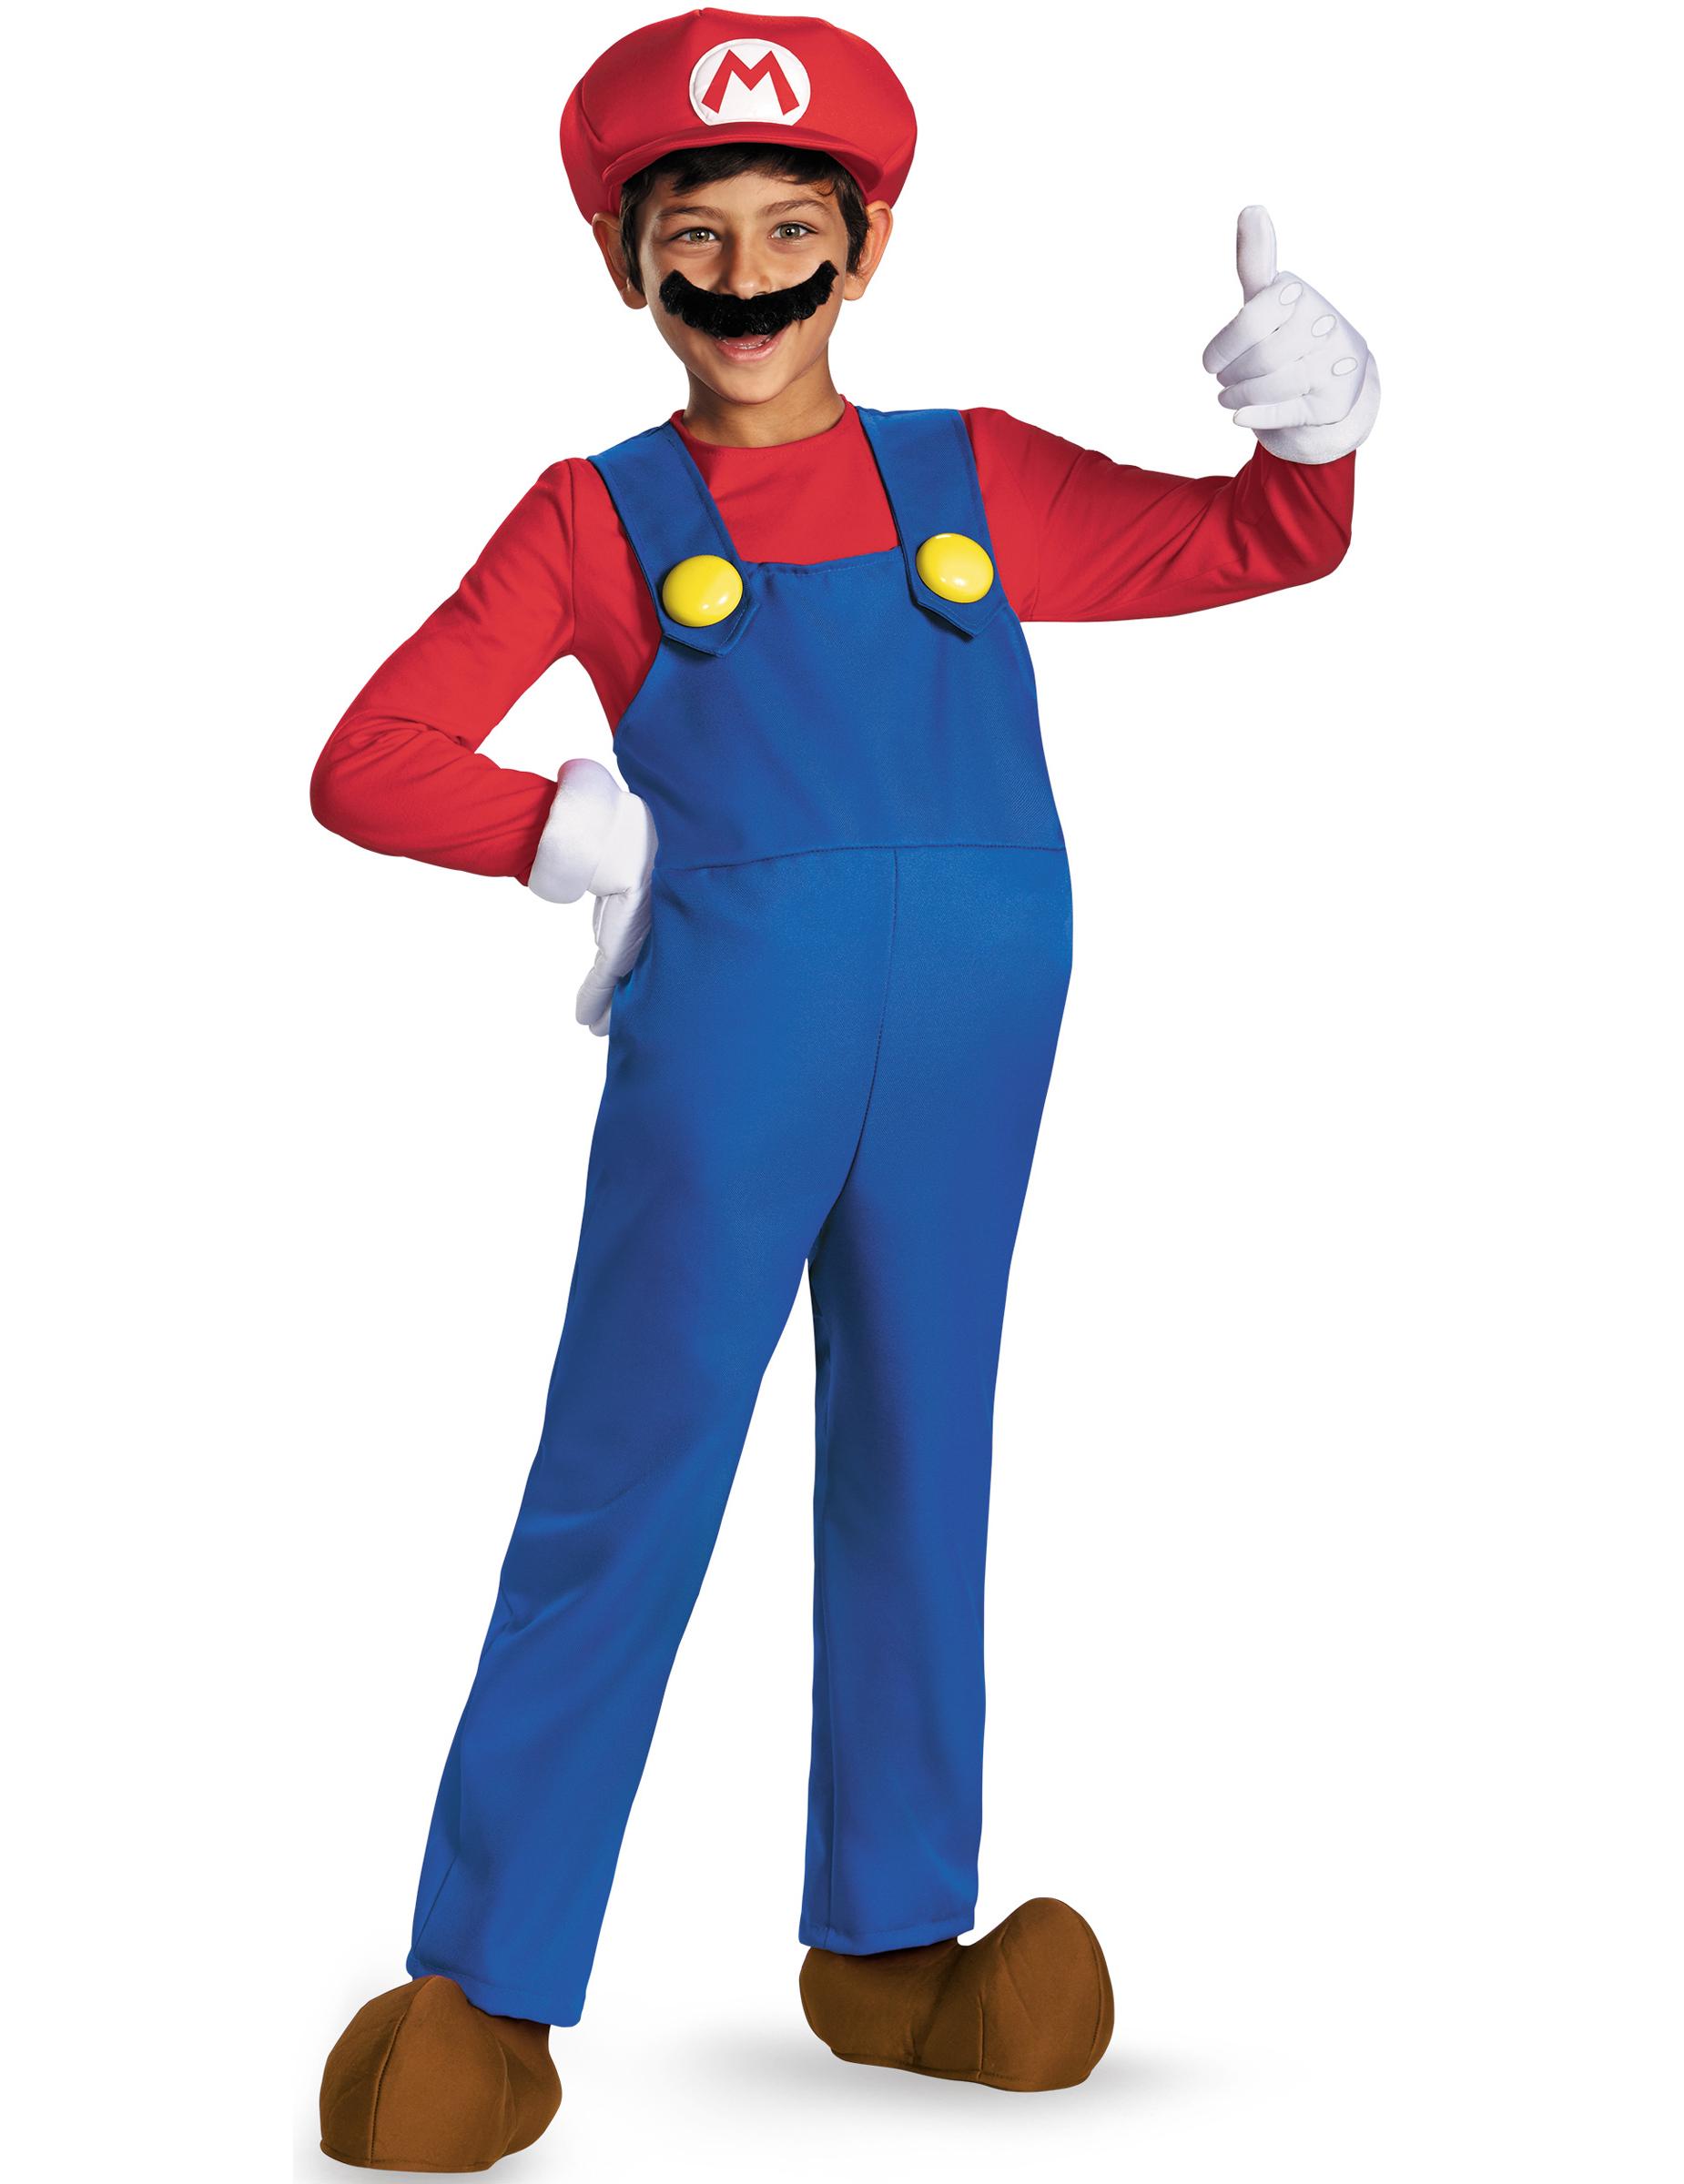 Gartenmobel Vor Katzen Schutzen : Edles Kostüm Mario™ für Kinder  günstig online bei vegaoo